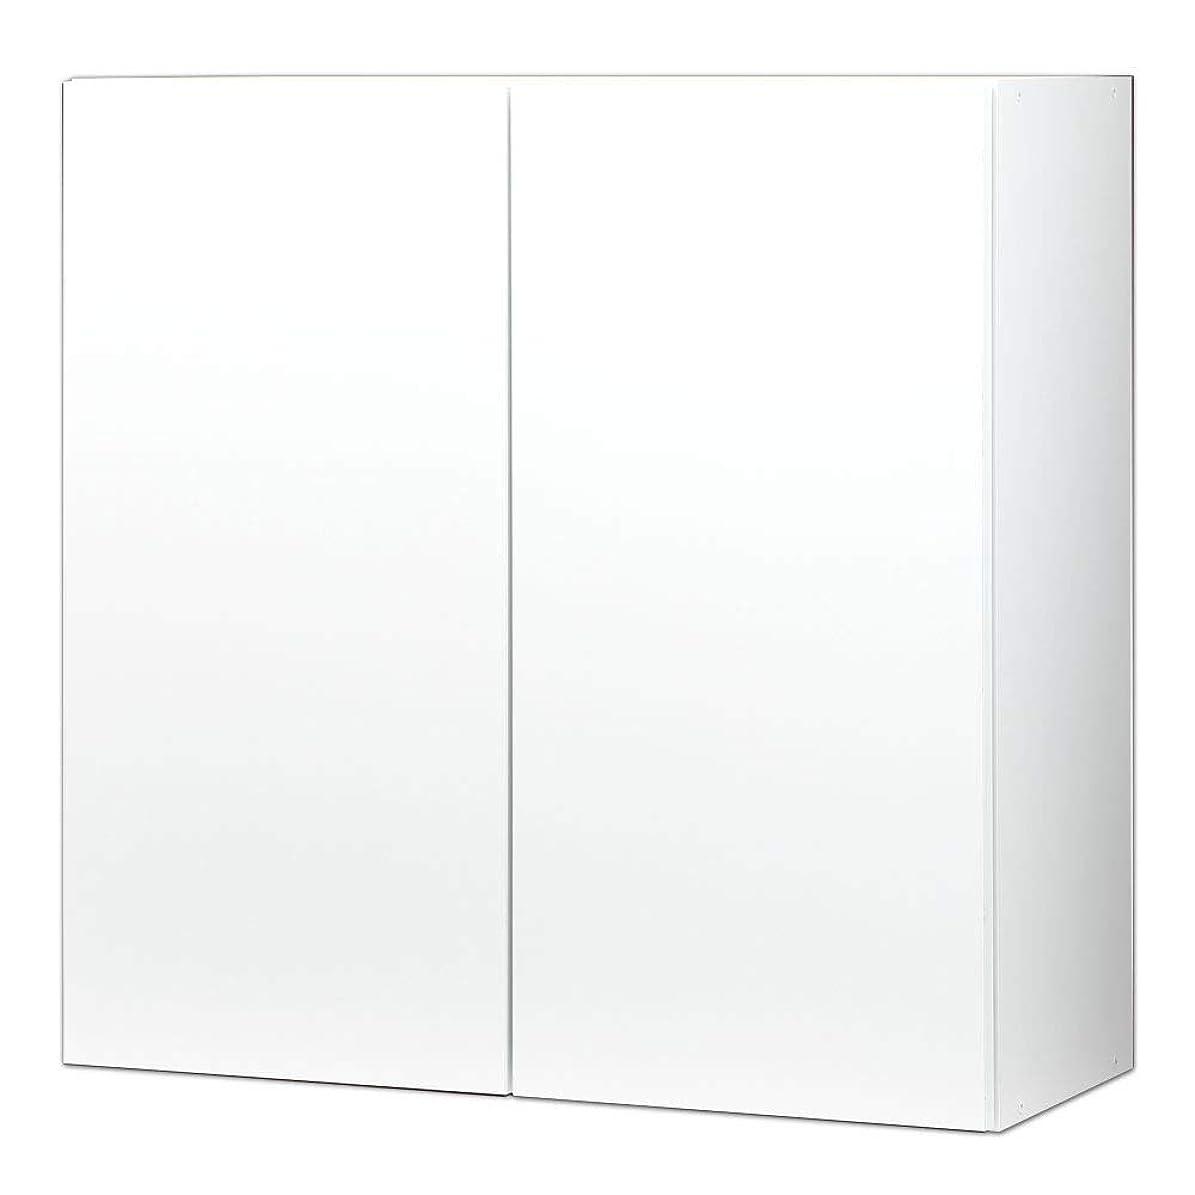 比喩サイバースペースマイクロプロセッサぼん家具 【完成品】 日本製 壁面収納 扉付き 本棚 キャビネット 〔幅75cm 上置き棚〕 ホワイト